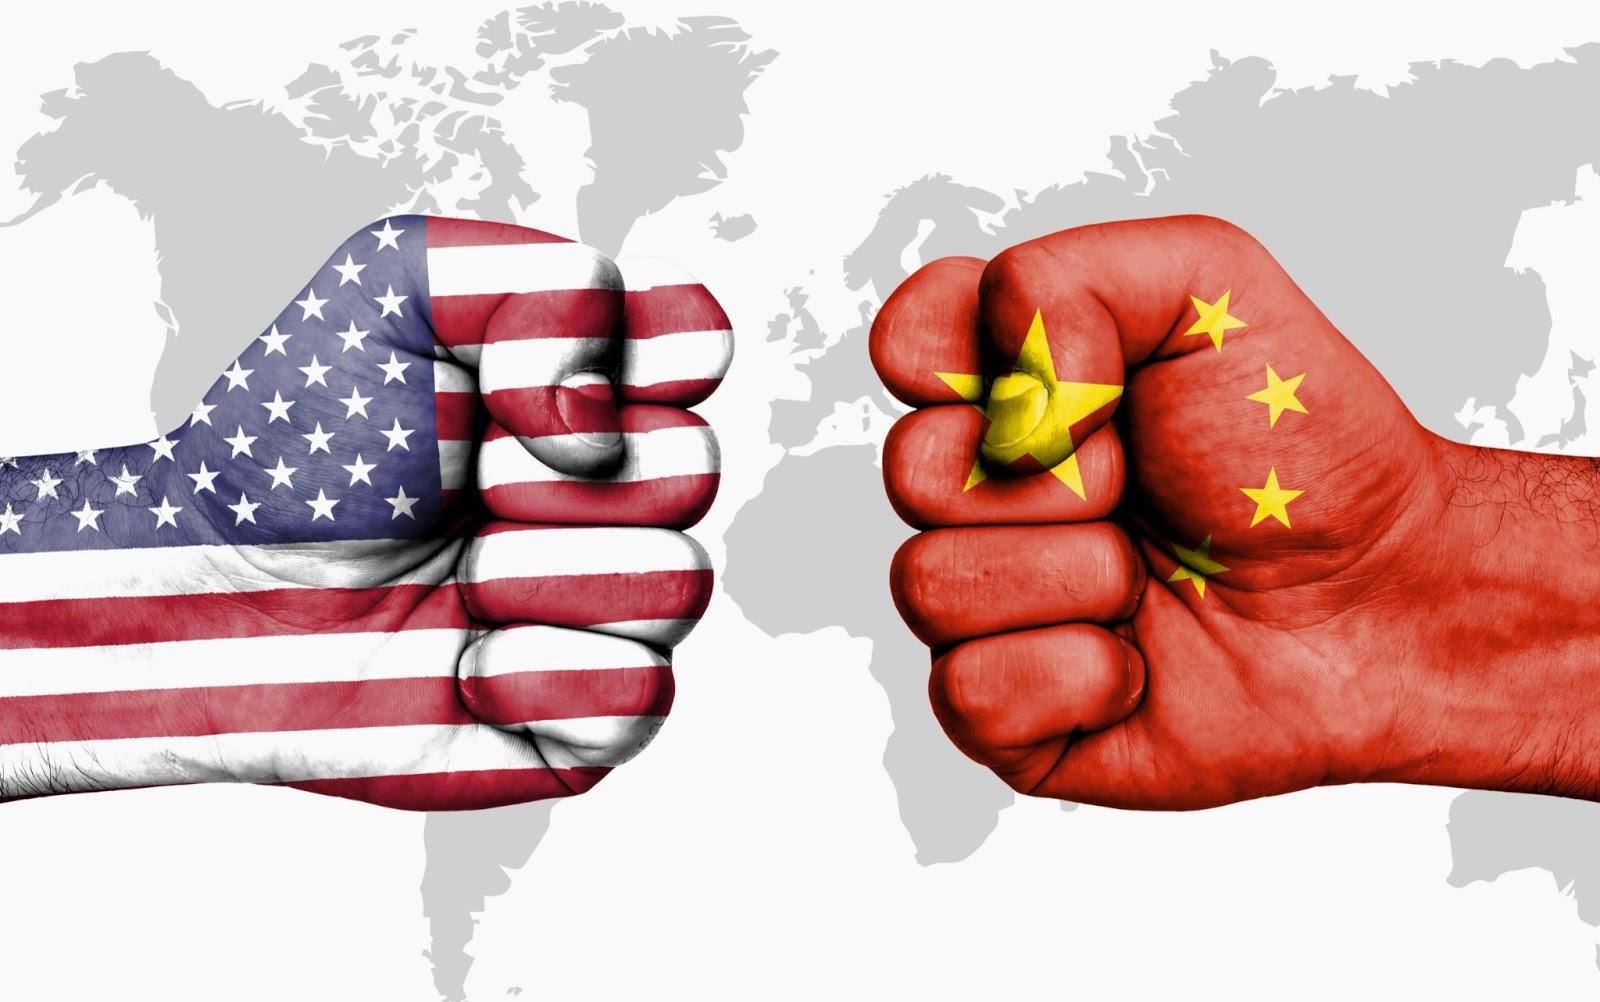 EEUU y la guerra fria/ESTA